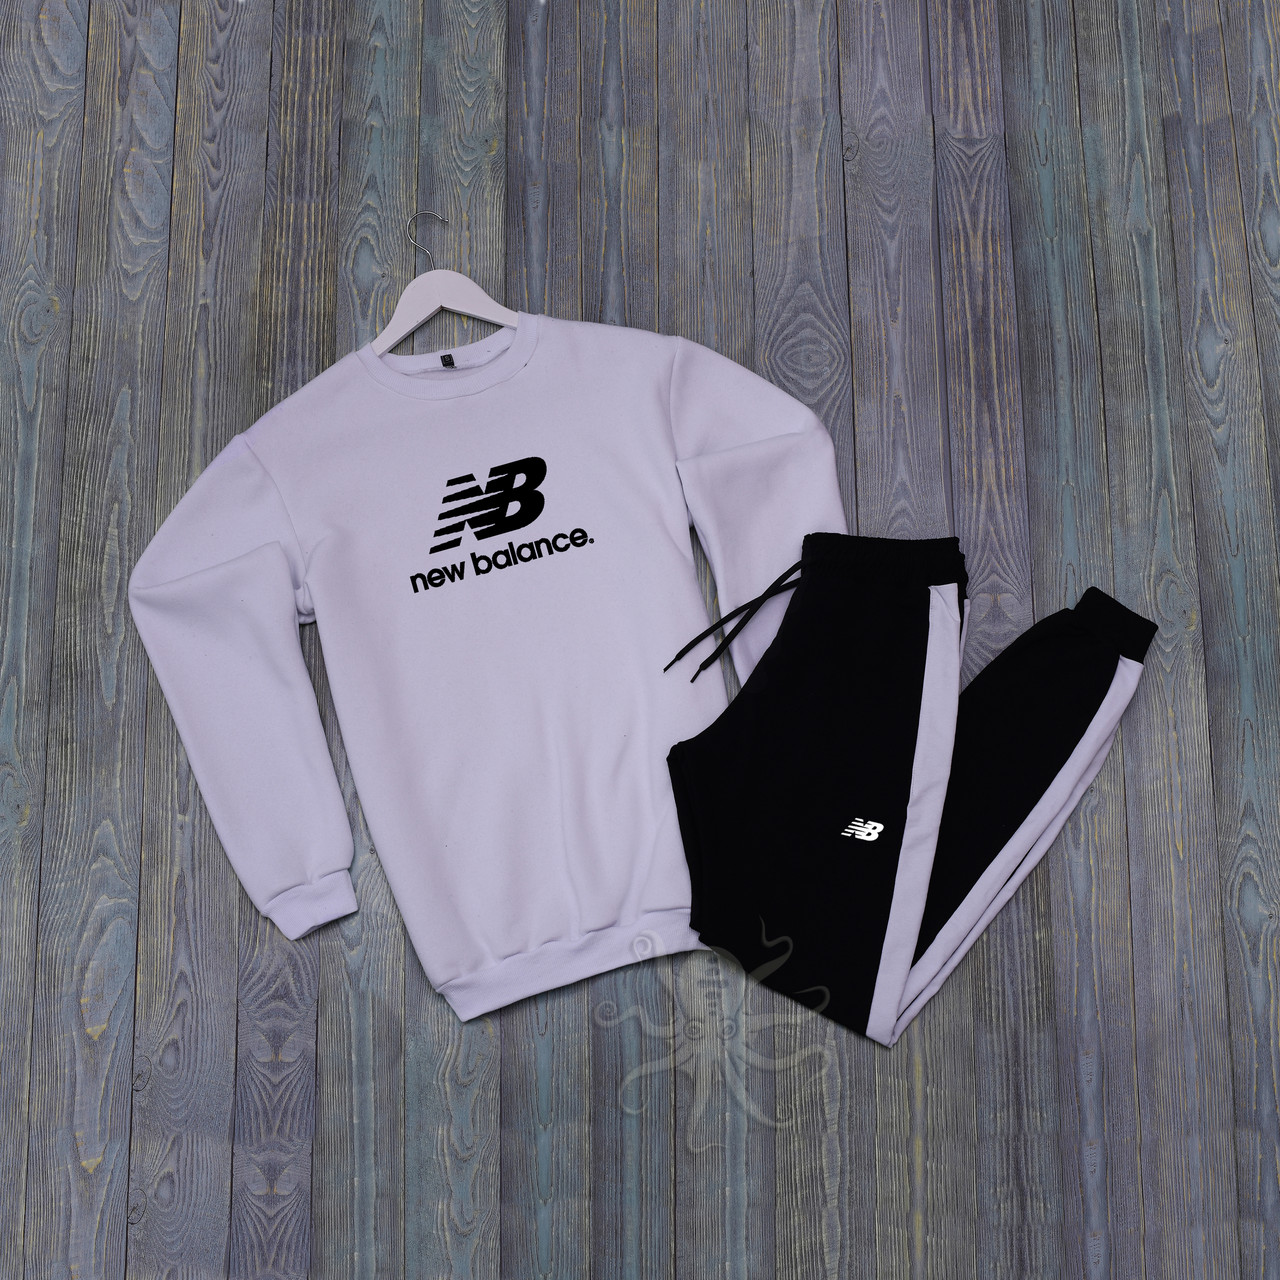 Спортивний костюм реглан біла кофта і чорні штани нью беленс